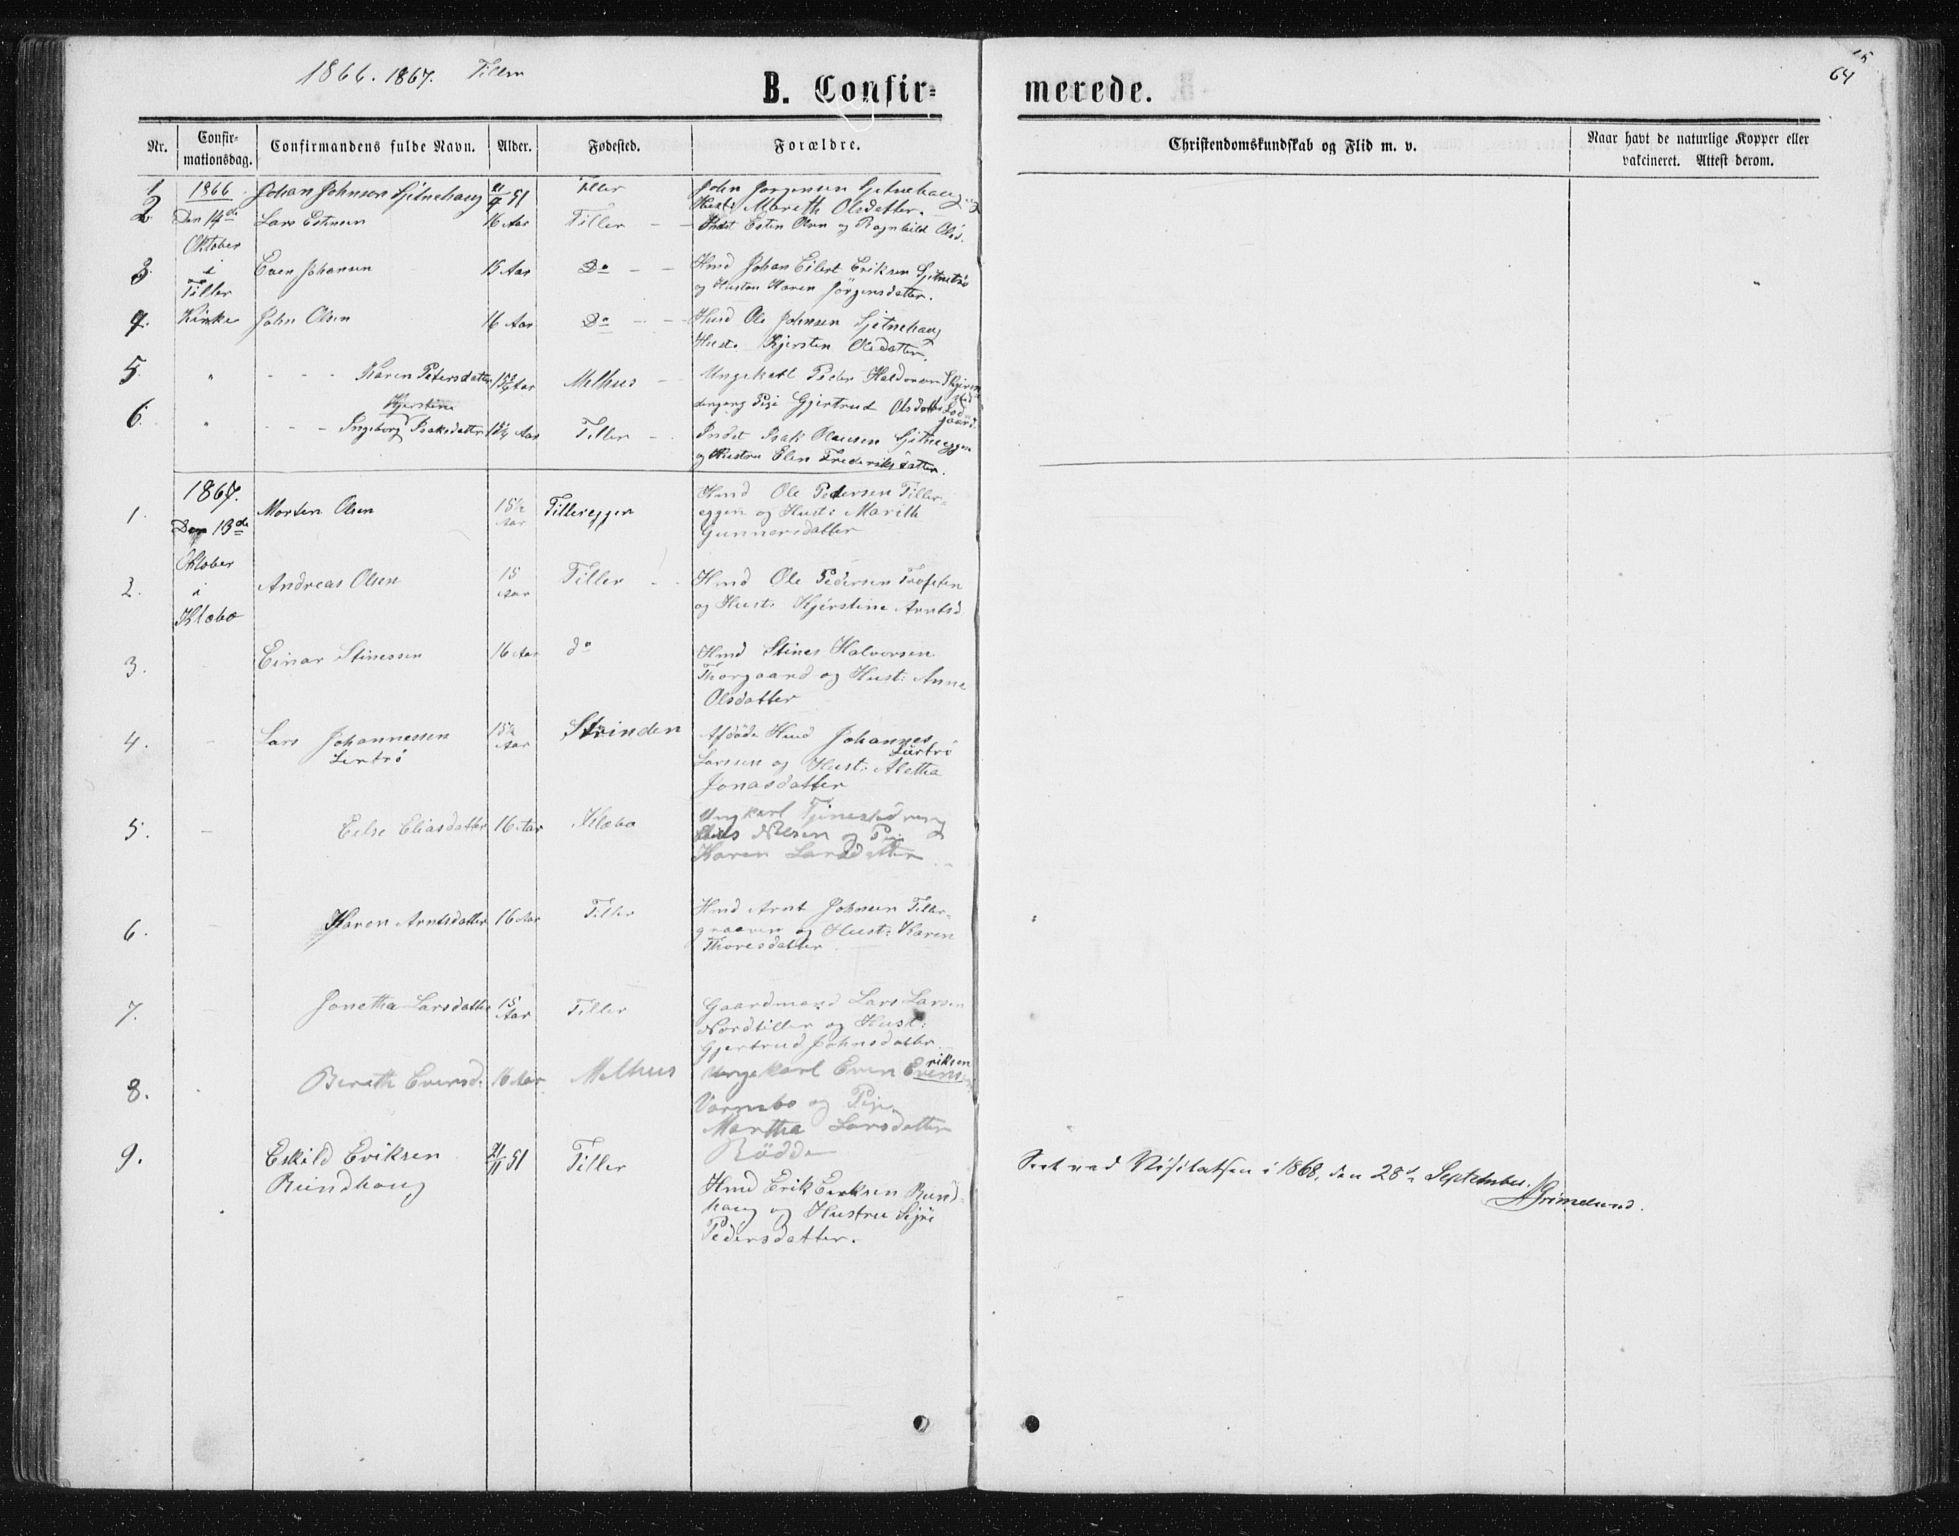 SAT, Ministerialprotokoller, klokkerbøker og fødselsregistre - Sør-Trøndelag, 621/L0459: Klokkerbok nr. 621C02, 1866-1895, s. 64